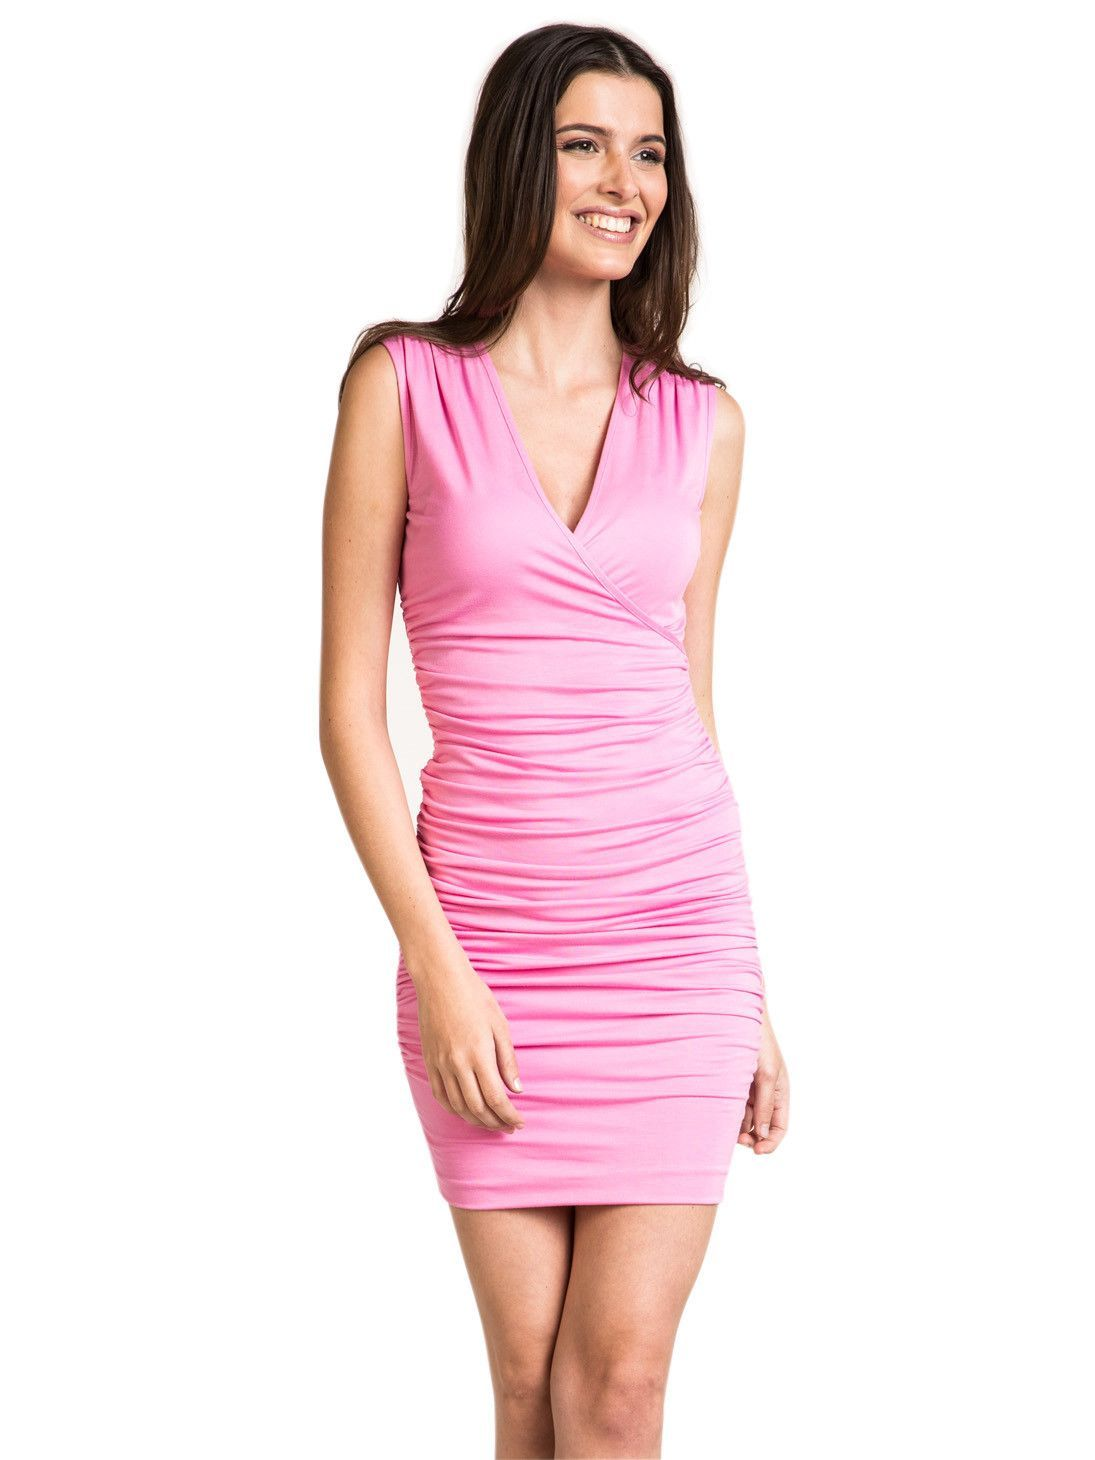 5515 Vestido Dama Ilusion | Products | Pinterest | Ilusiones y Damas